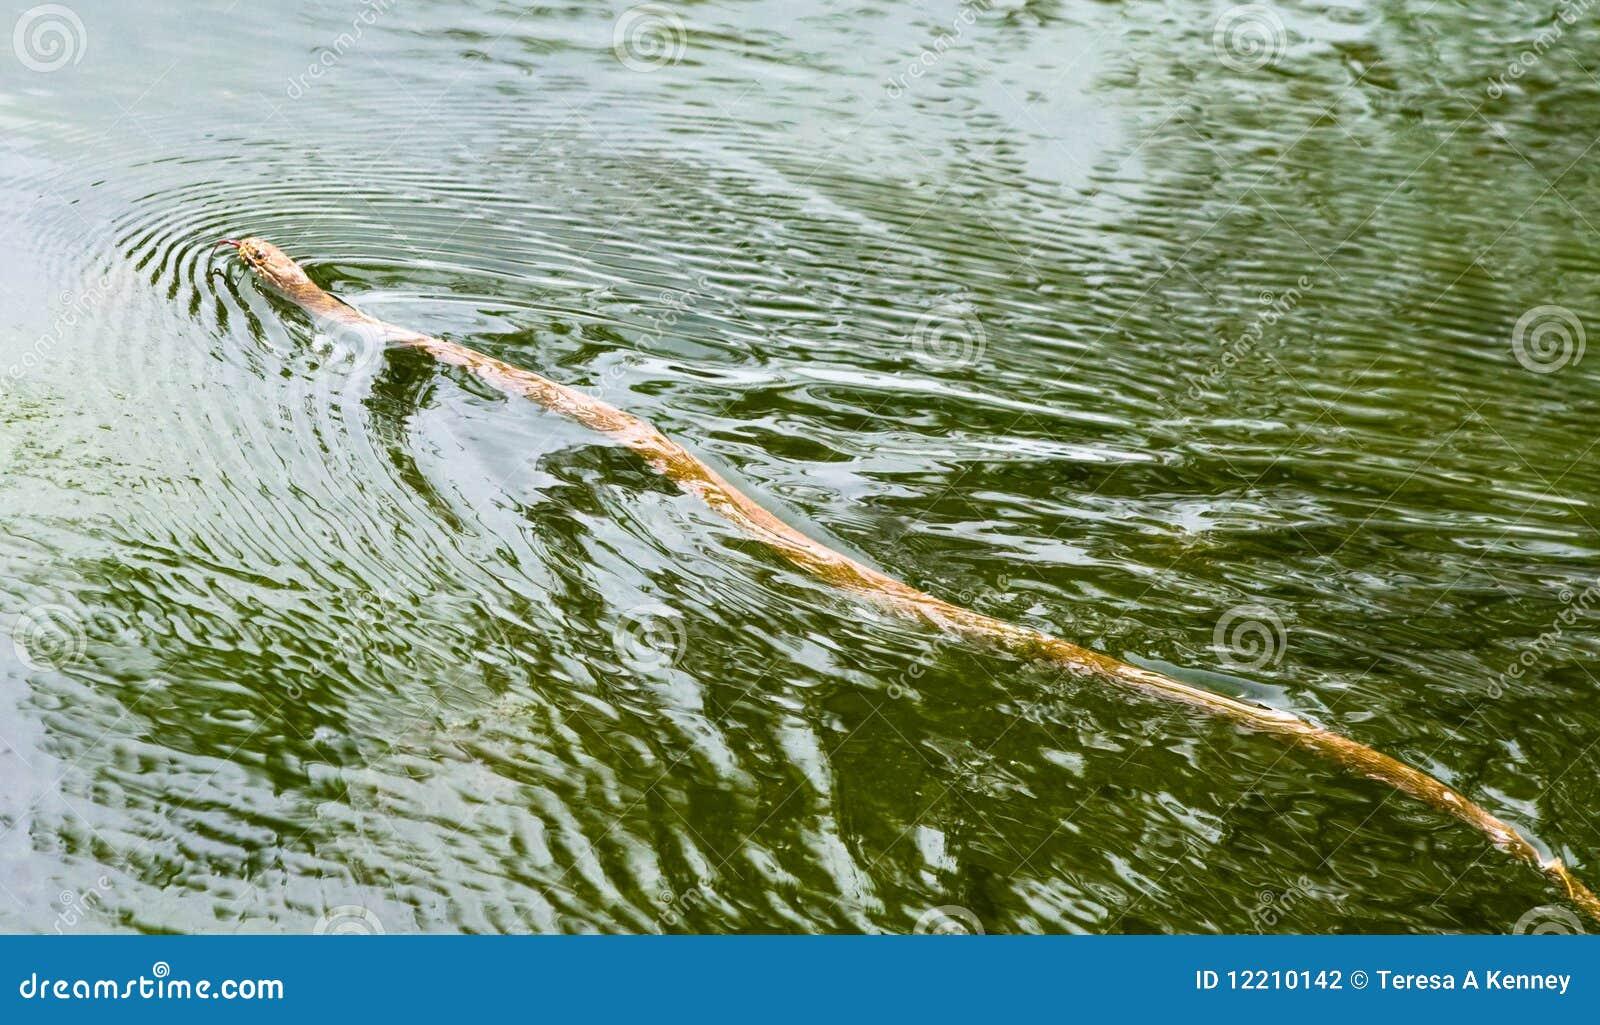 棕色北蛇水